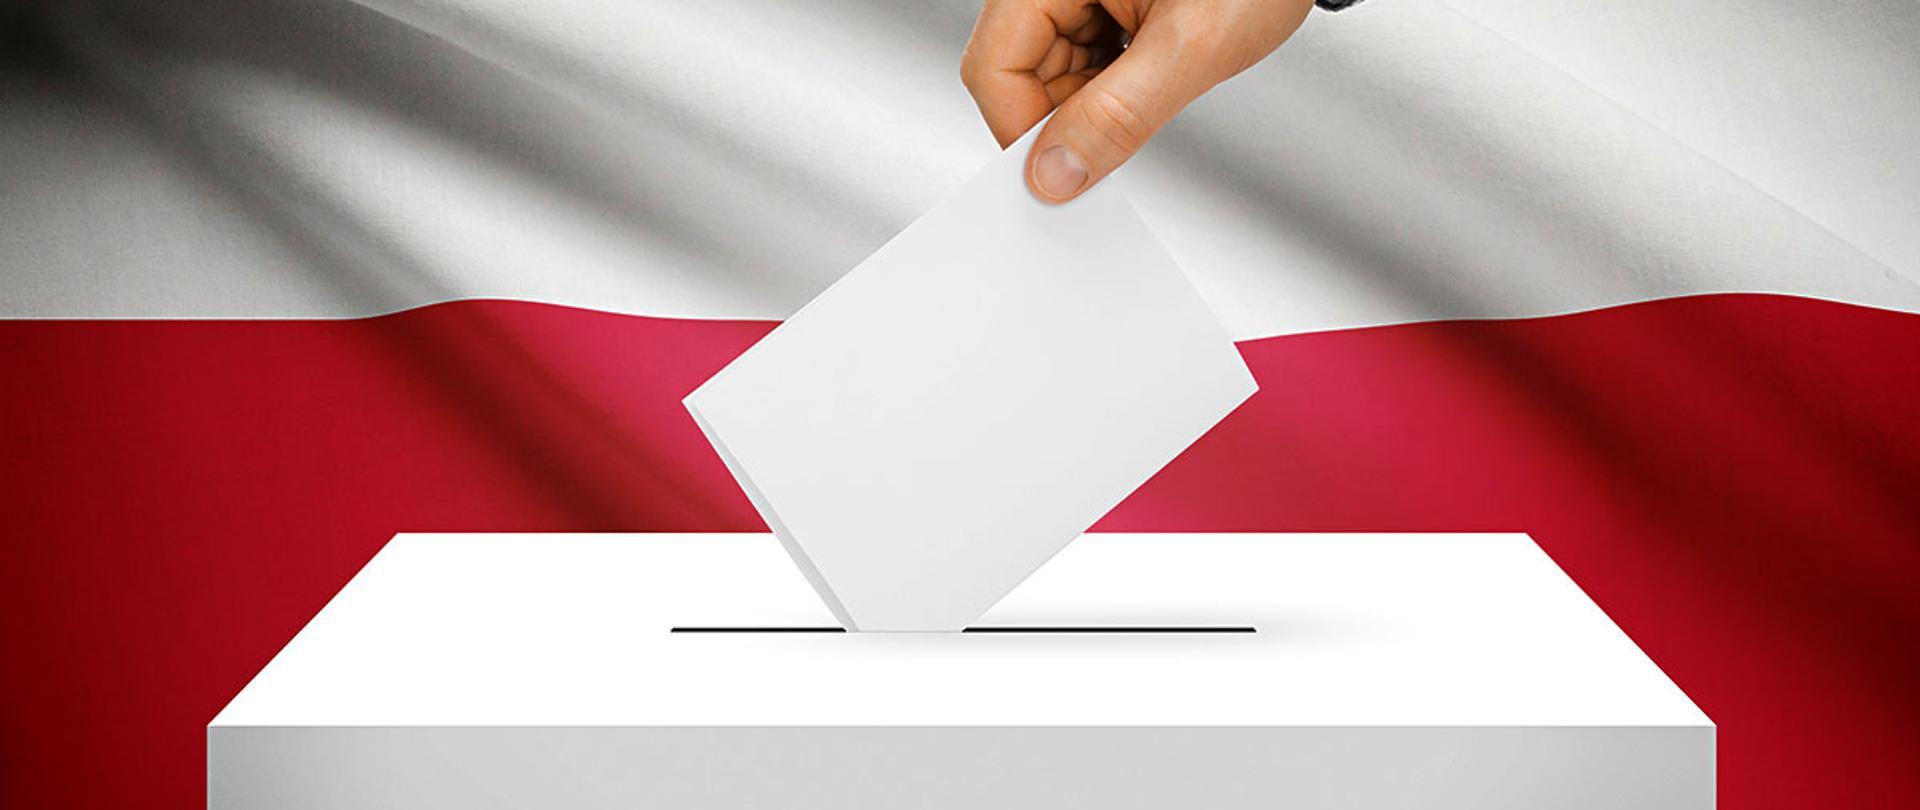 OFICJALNIE: Rzeszów będzie wybierał prezydenta w innym terminie! - Zdjęcie główne